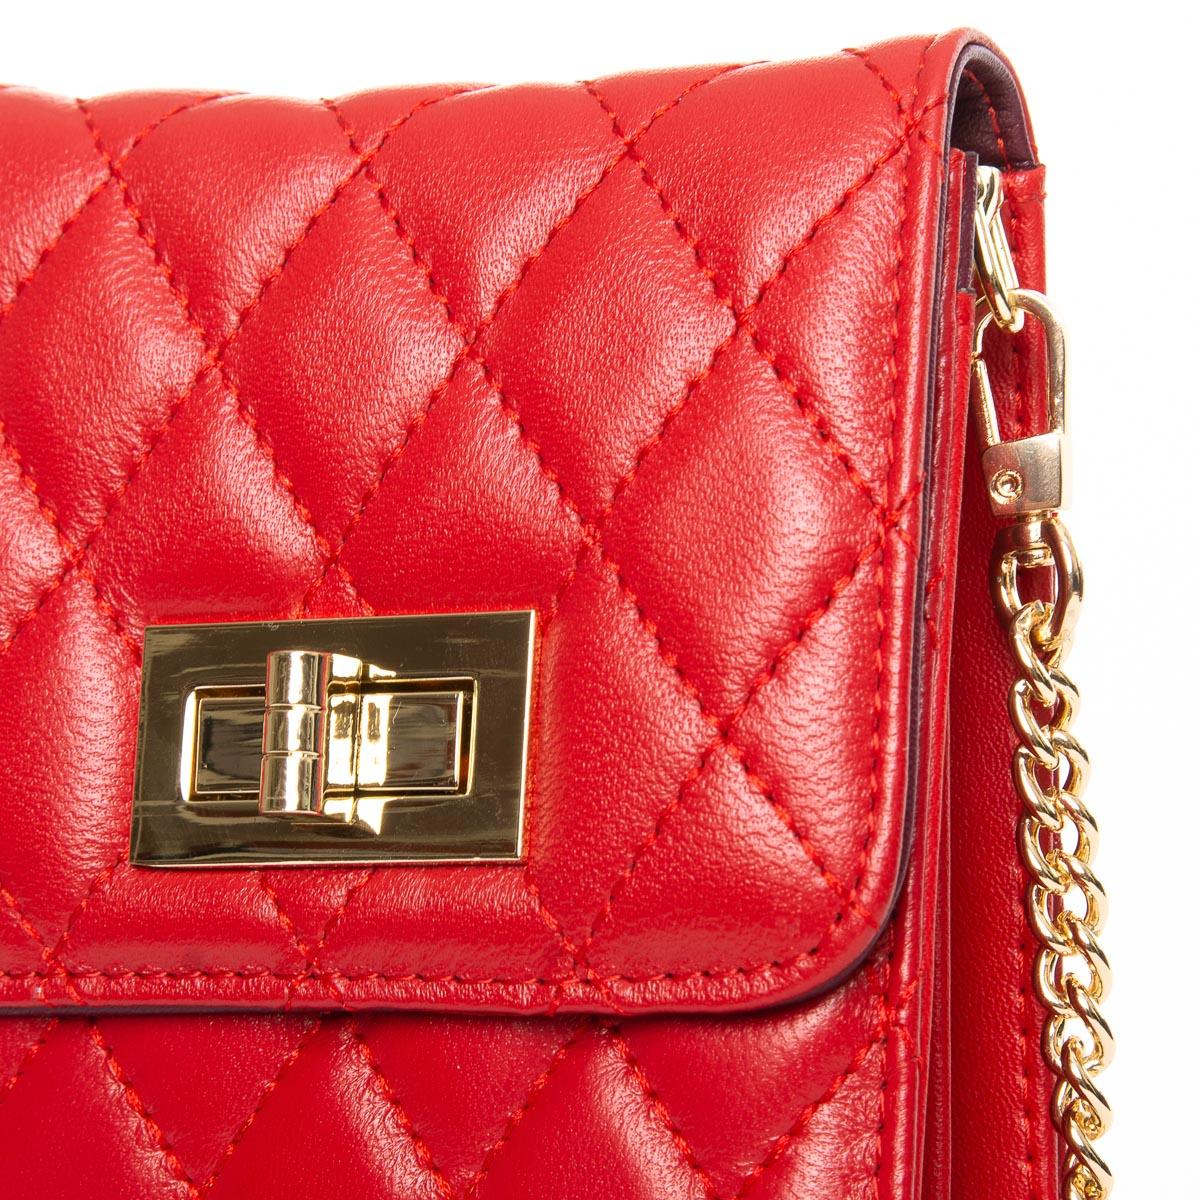 Сумка Женская Клатч кожа ALEX RAI 03-1 1038 red - фото 3